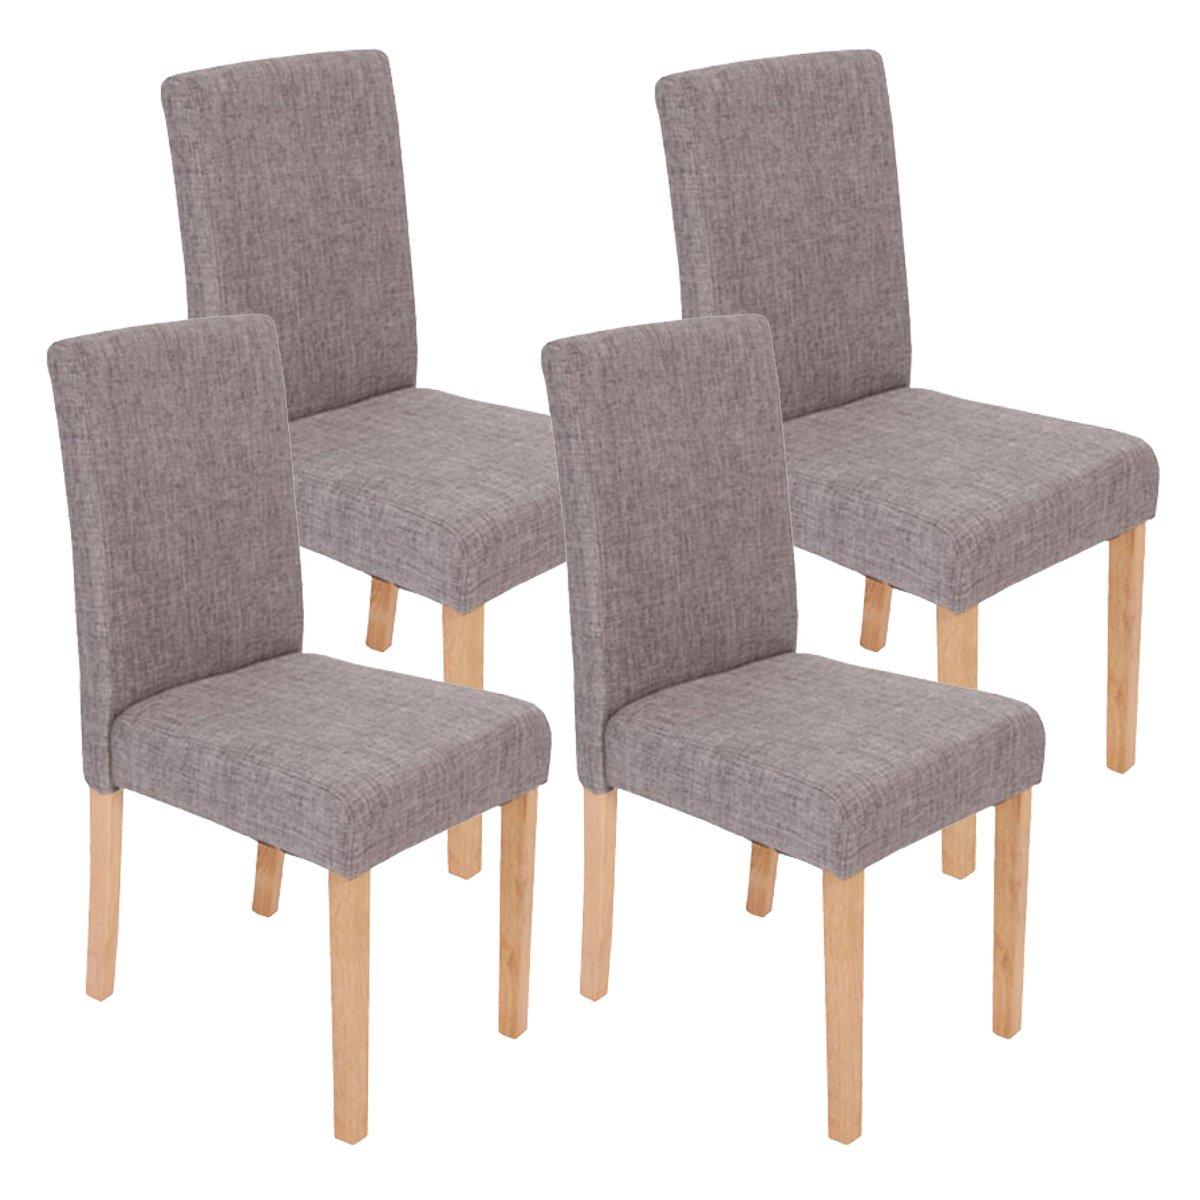 Lote 4 sillas de comedor litau tela precioso dise o tela for Comedor sillas de colores